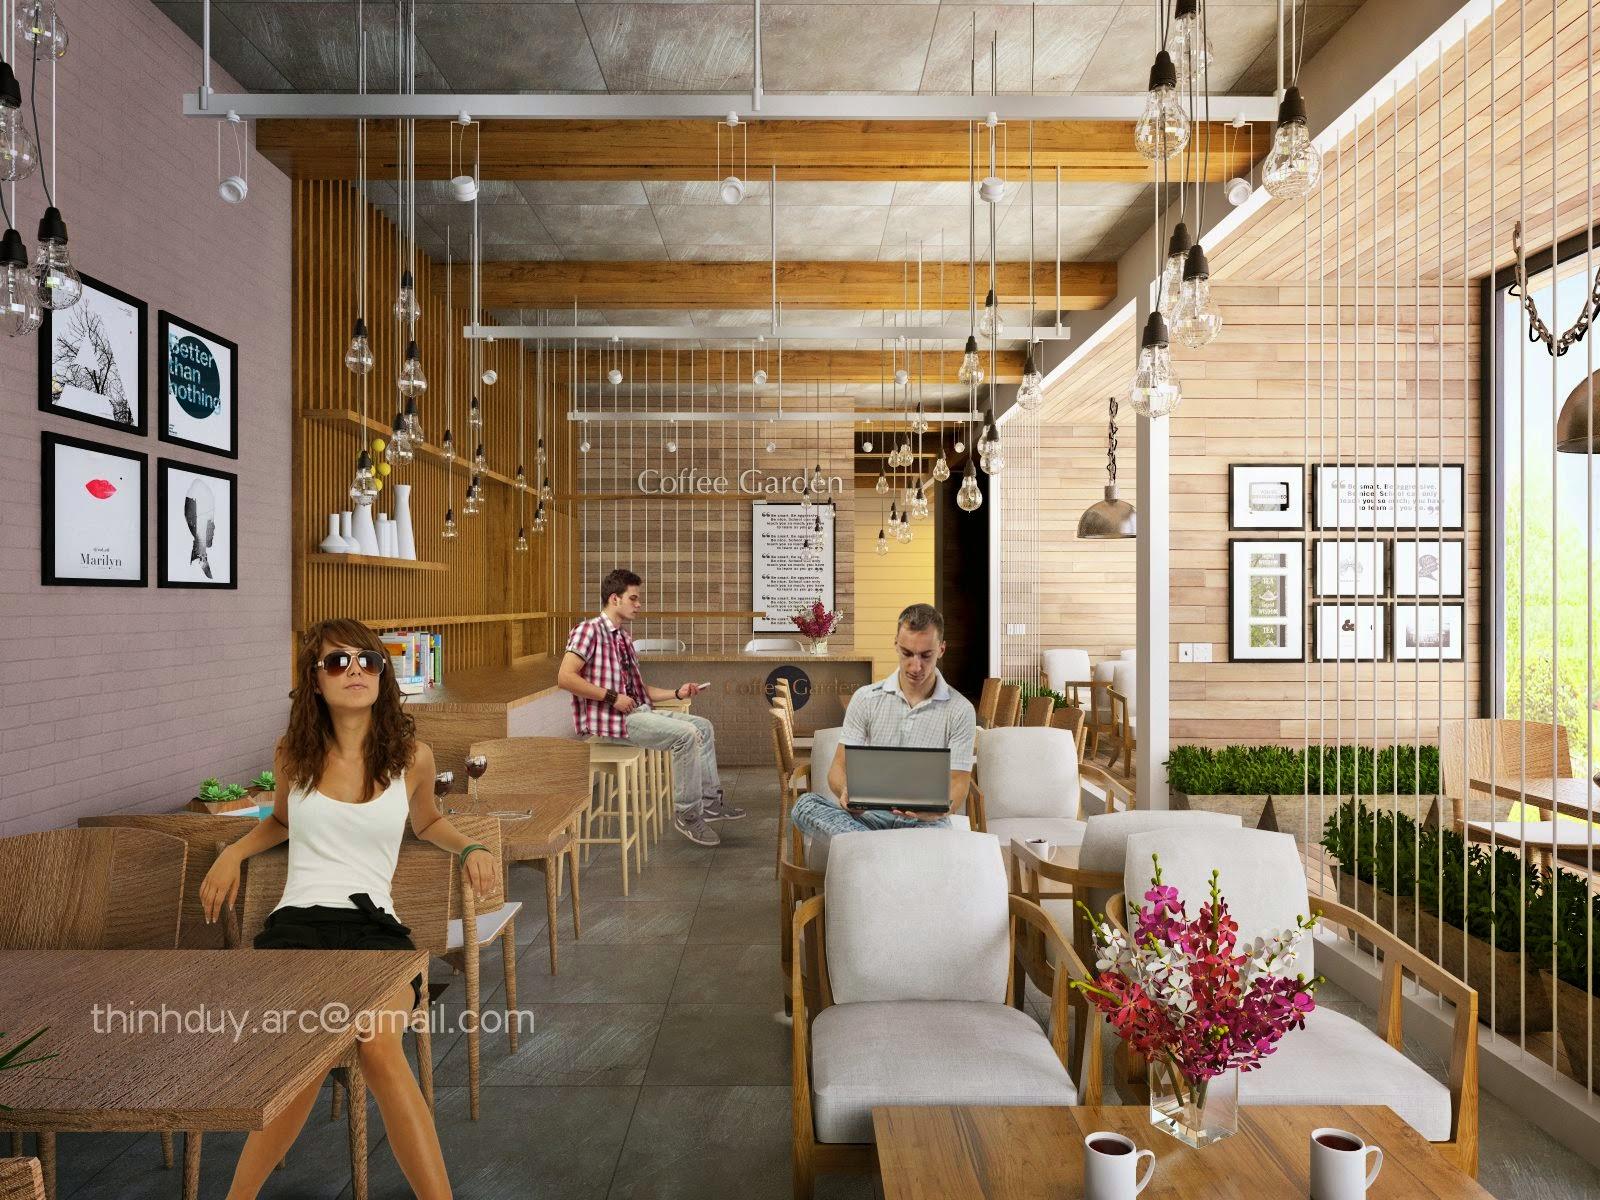 SKETCHUP TEXTURE Free sketchup model garden coffee bar shop 5